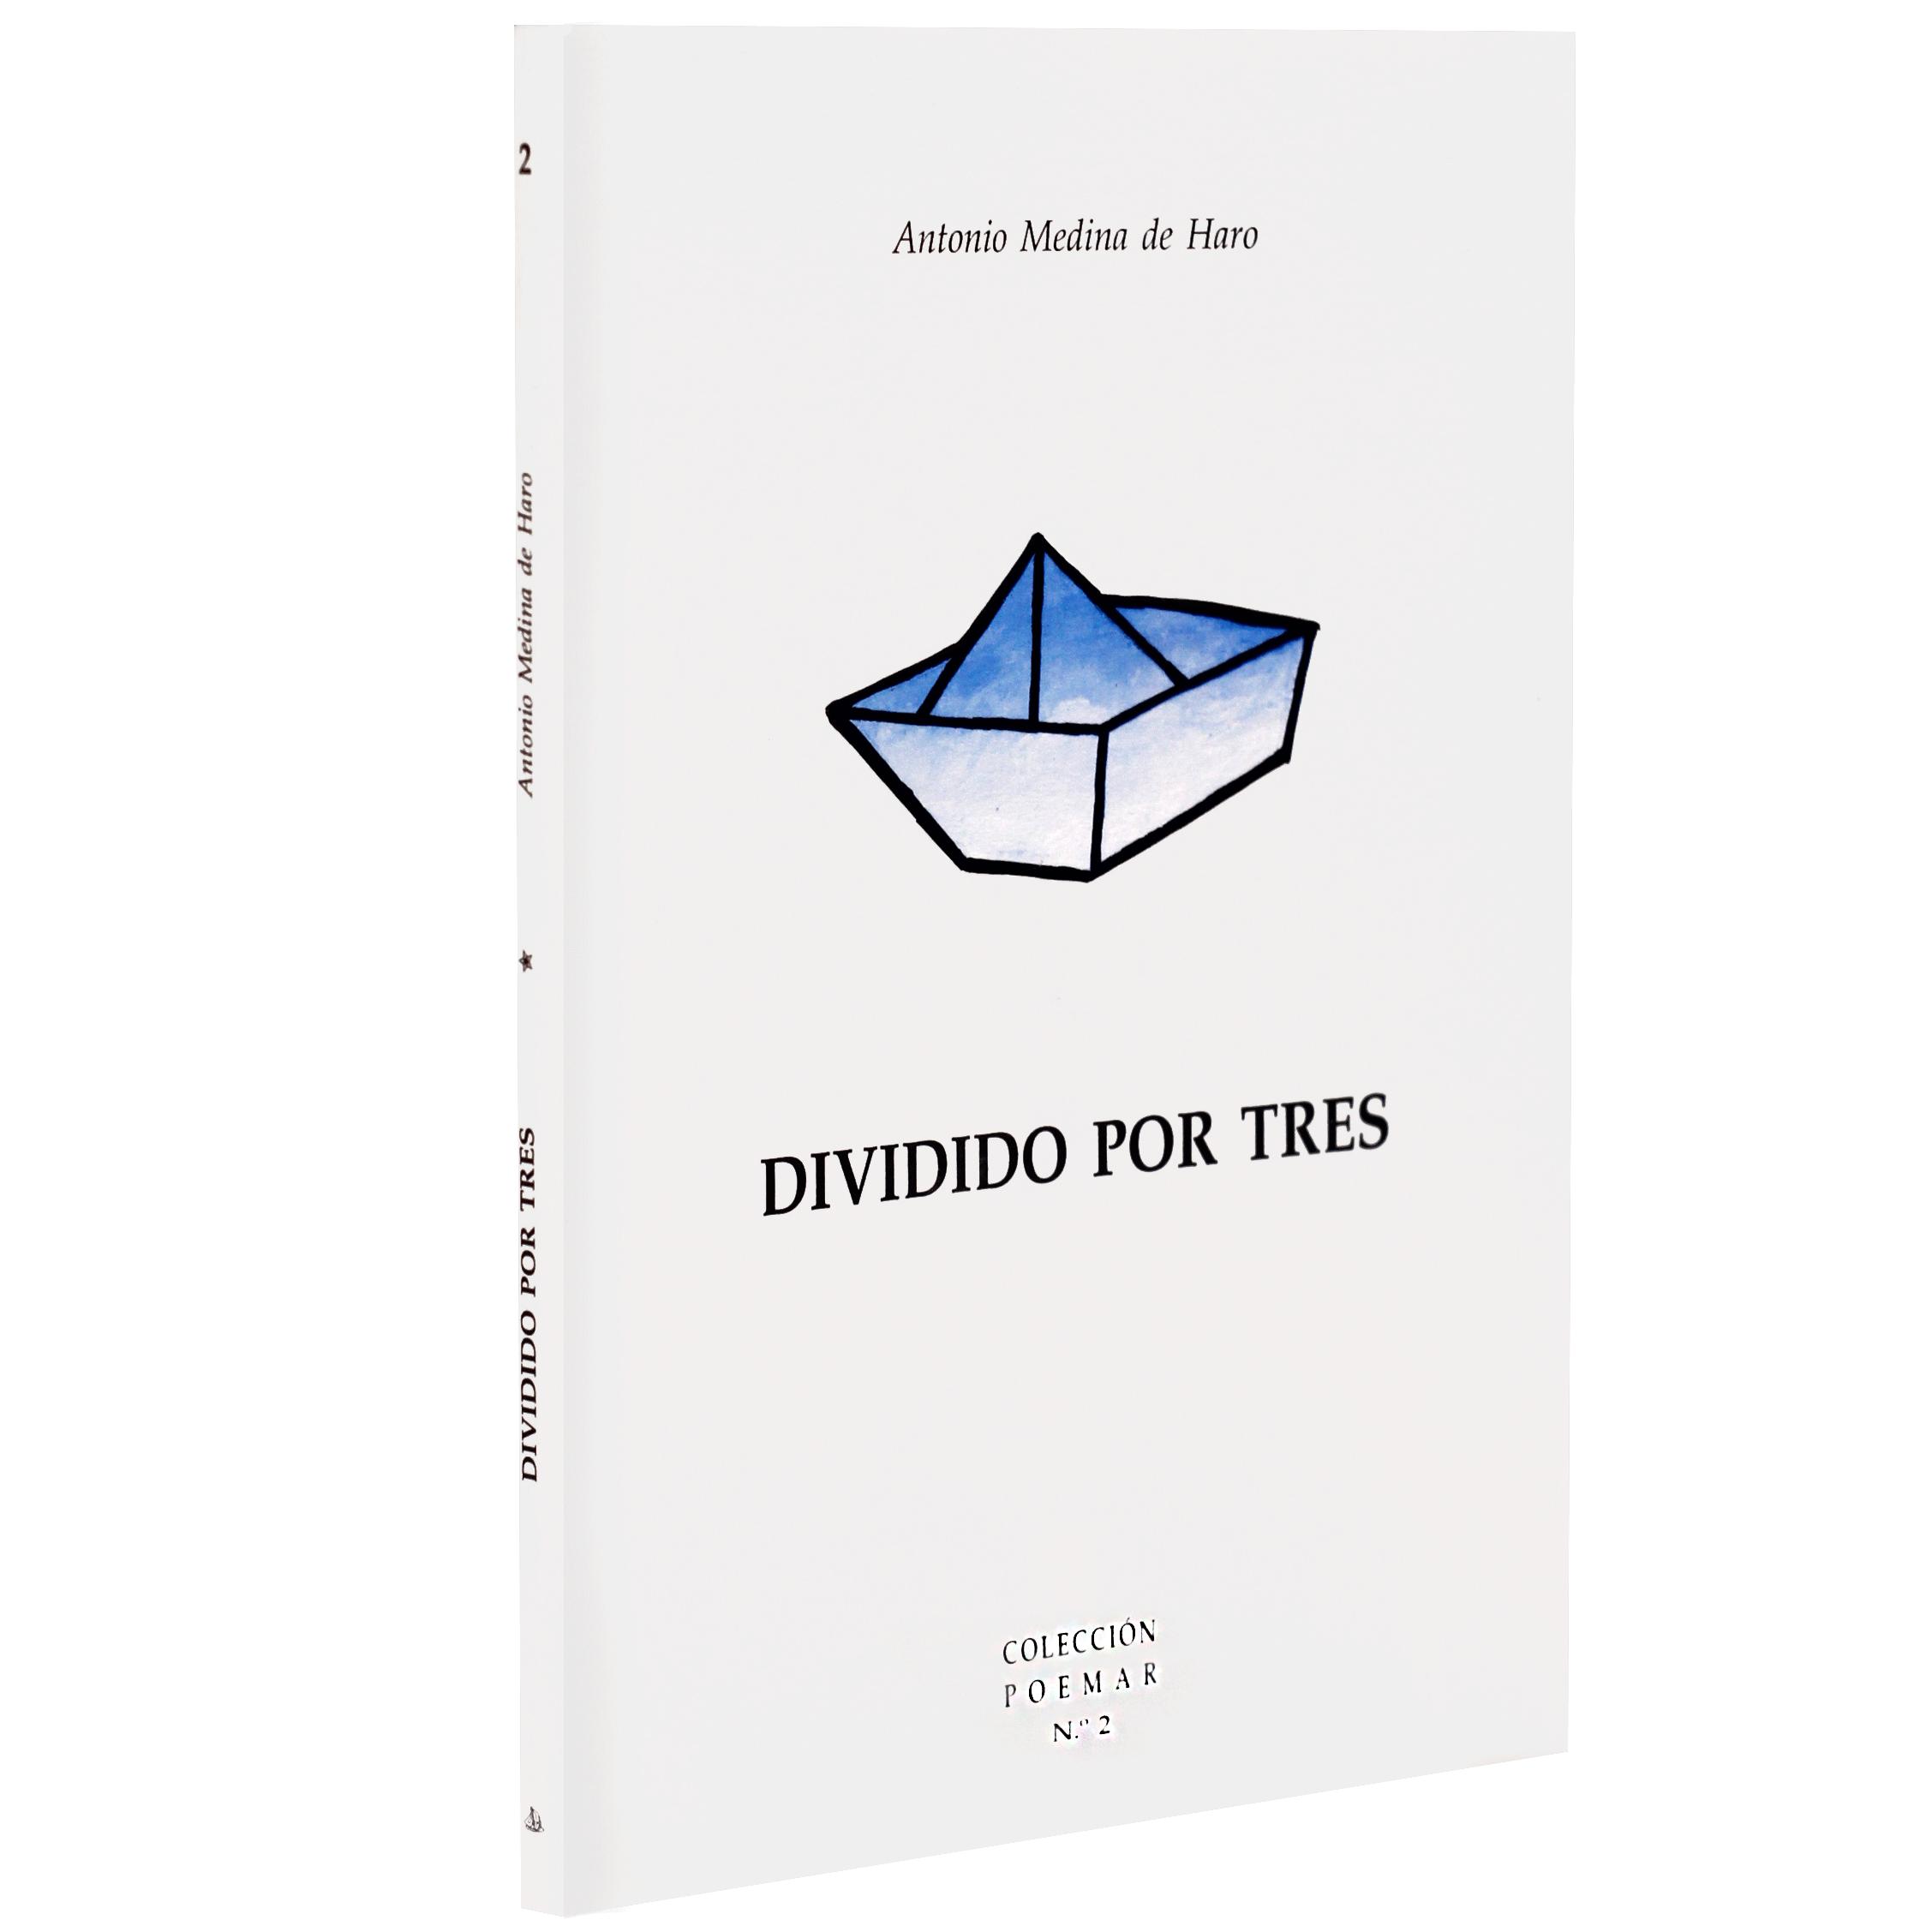 Dividido por tres, de Antonio Medina de Haro